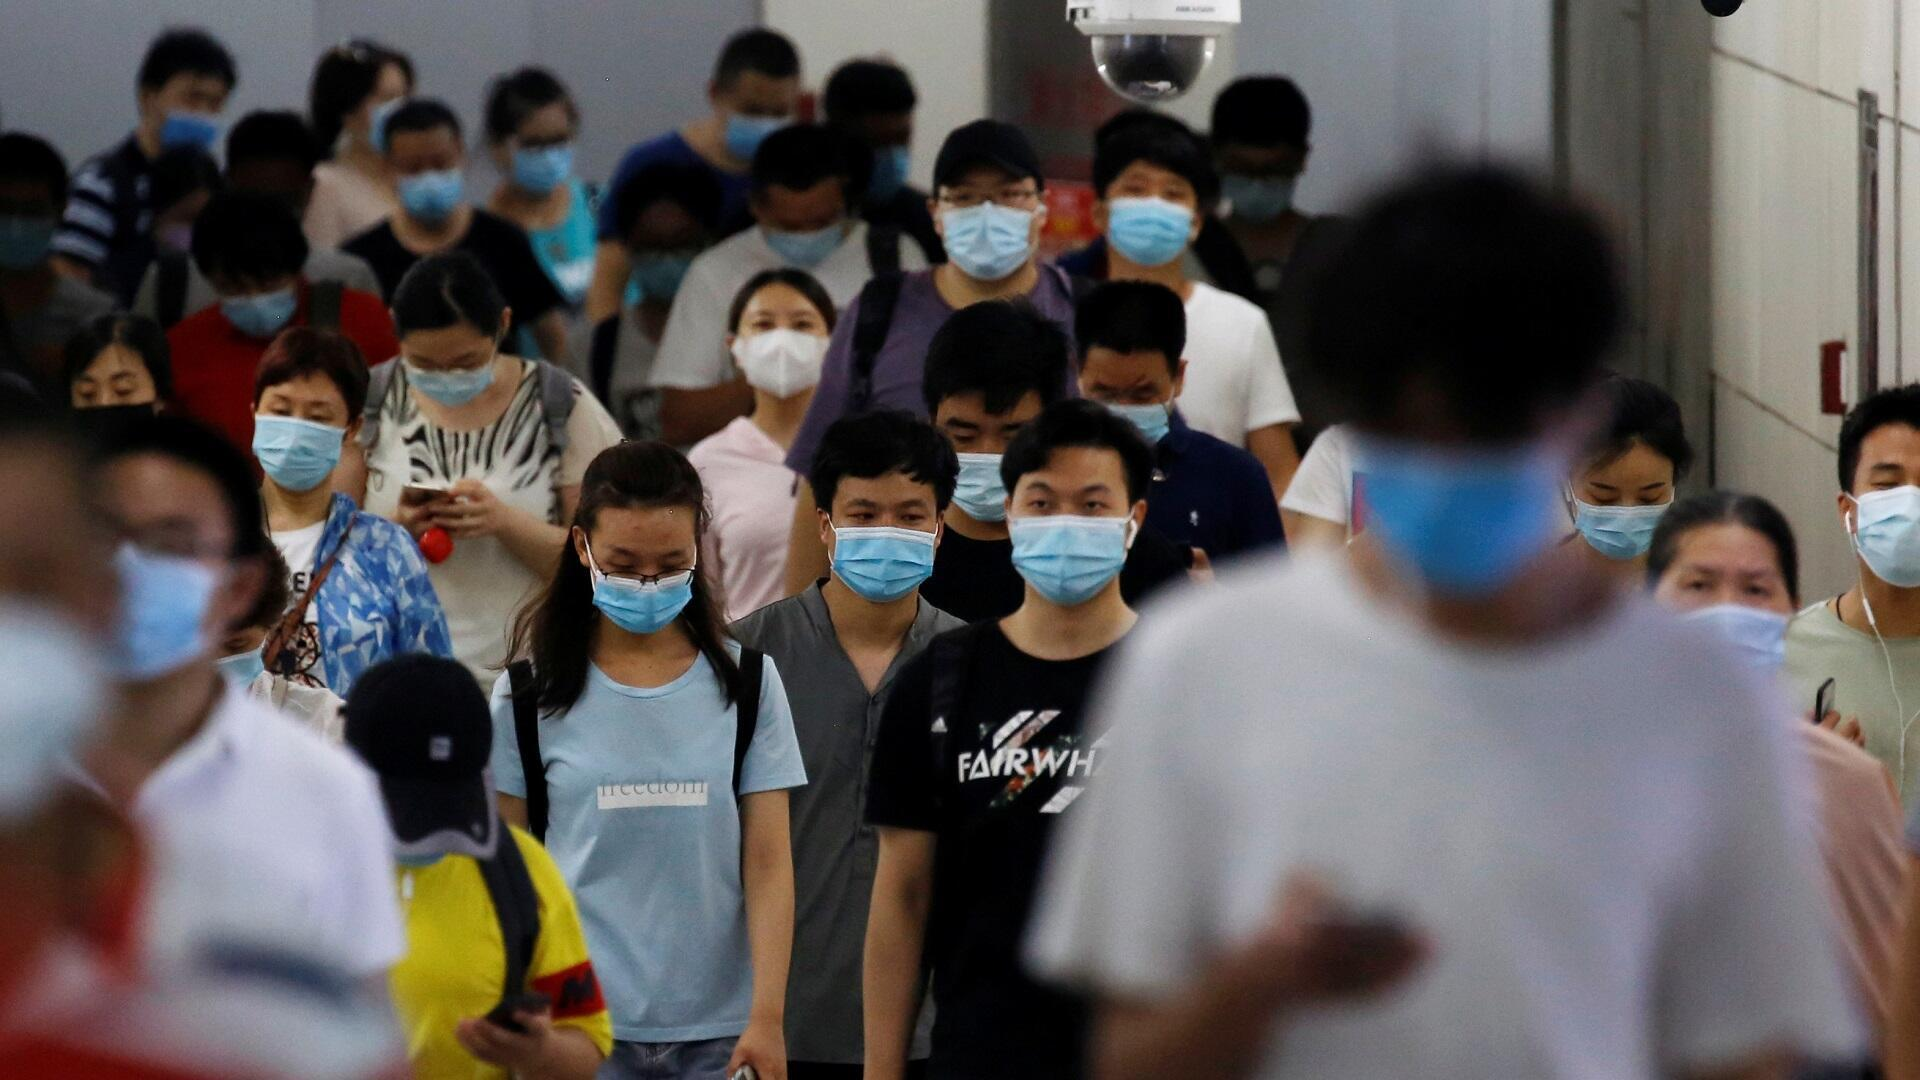 أشخاص يرتدون الأقنعة الطبية في إحدى محطات المترو بالعاصمة الصينية بكين للوقاية من فيروس كورونا، 14 يوليو/تموز 2020.